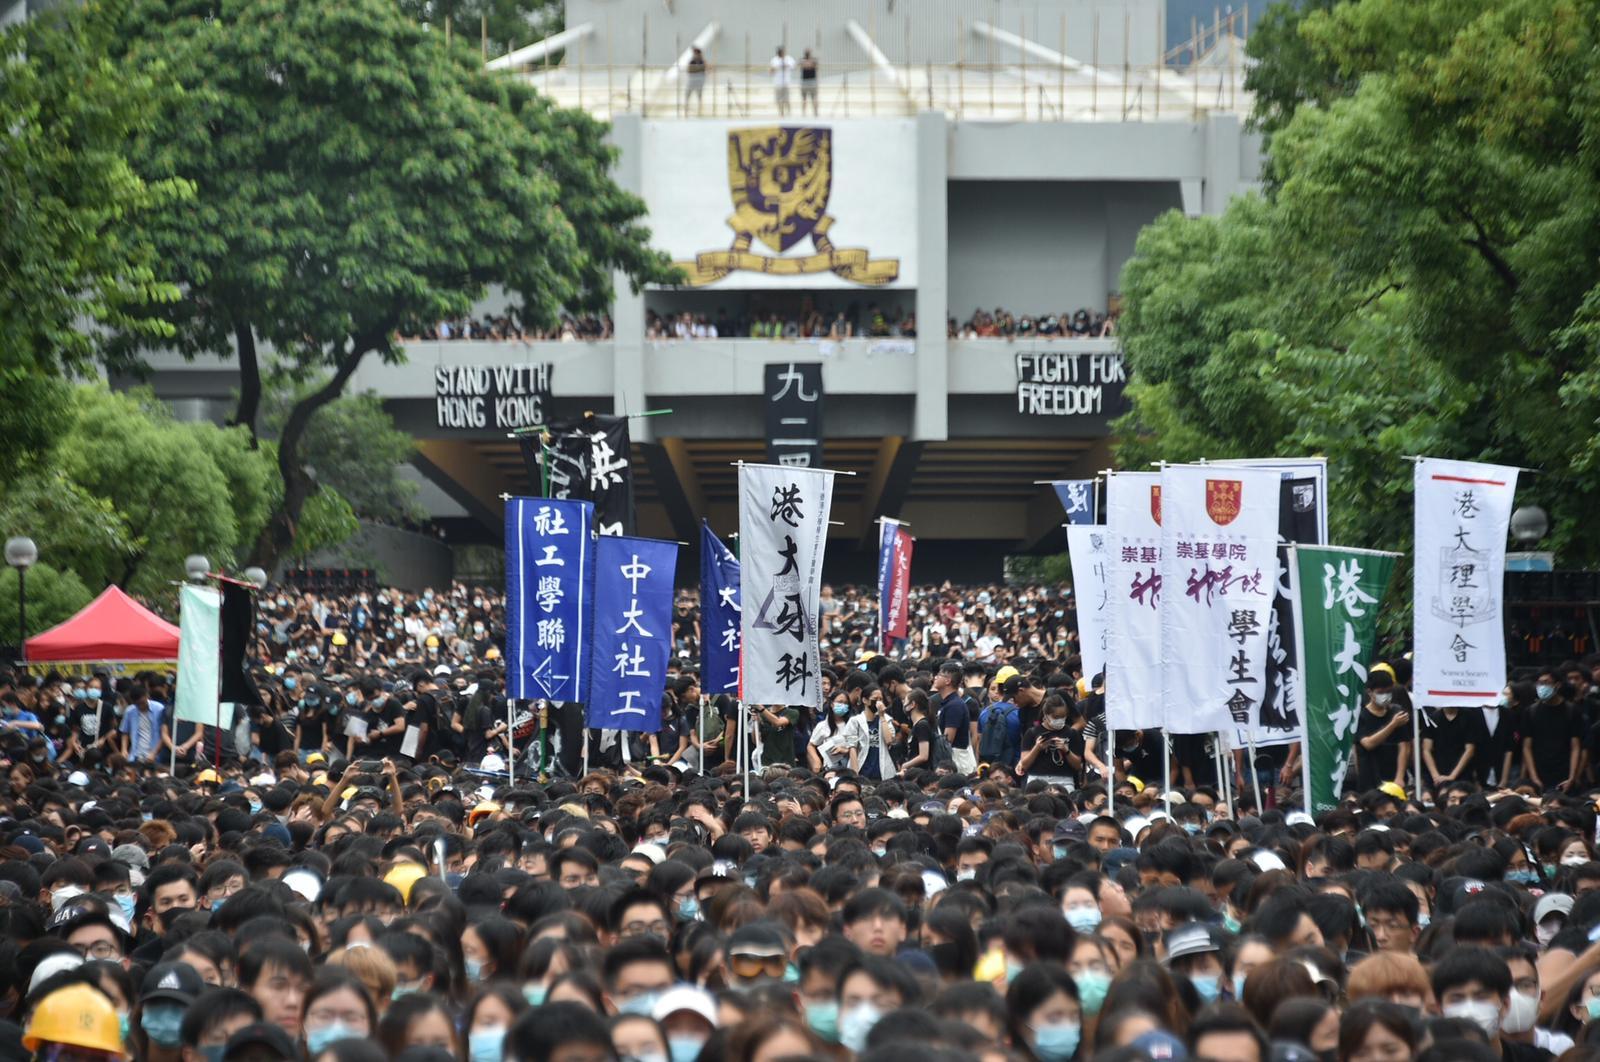 【逃犯條例】大批學生聚中大百萬大道 內地生一度衝上台撕毀橫額